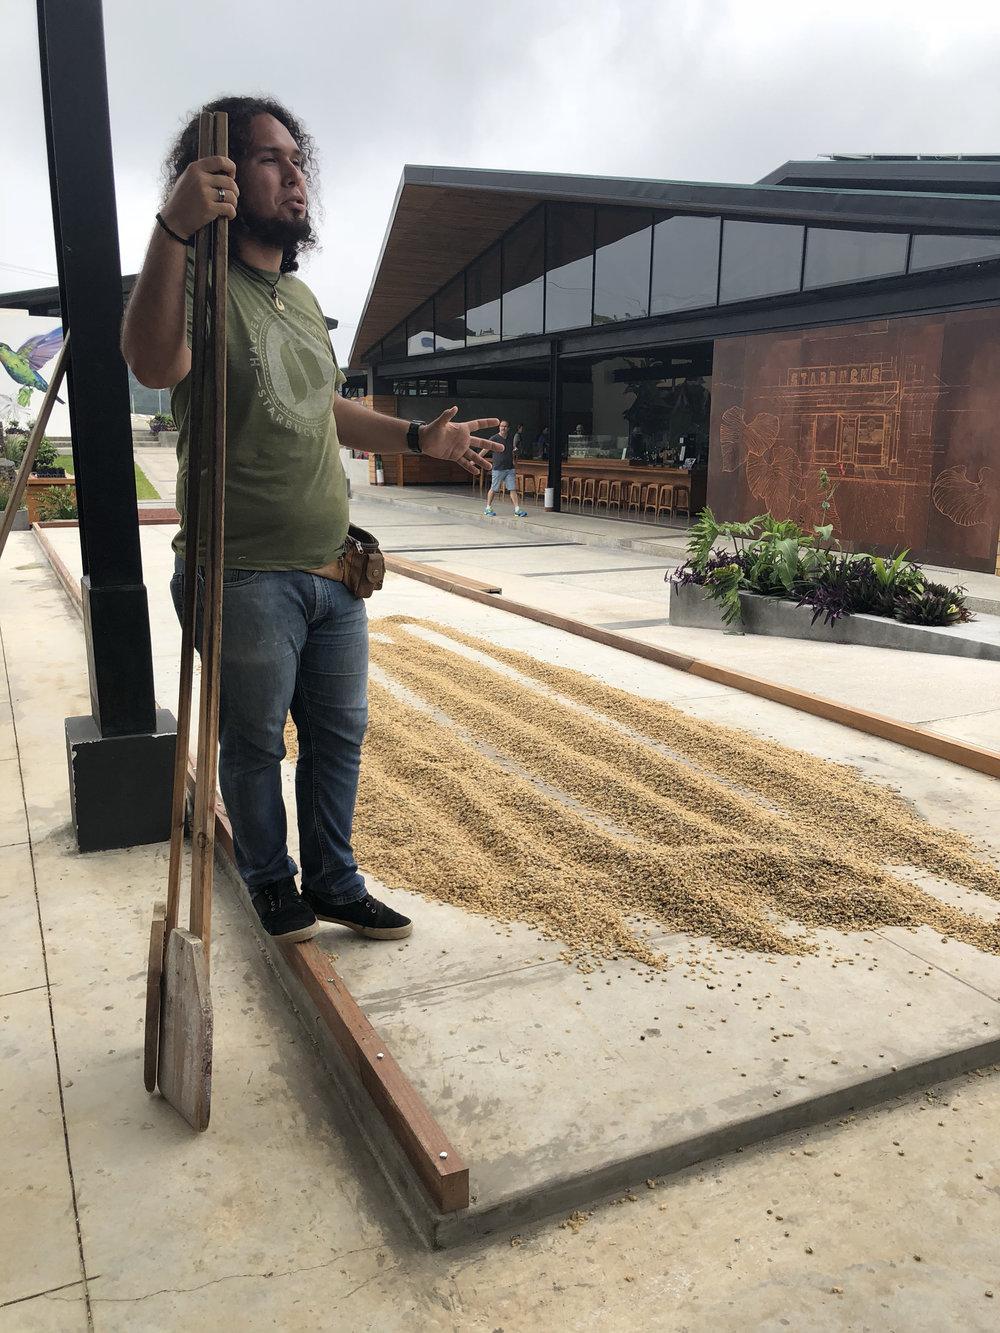 Nuestro guía explicando el proceso de secar las semillas bajo el sol